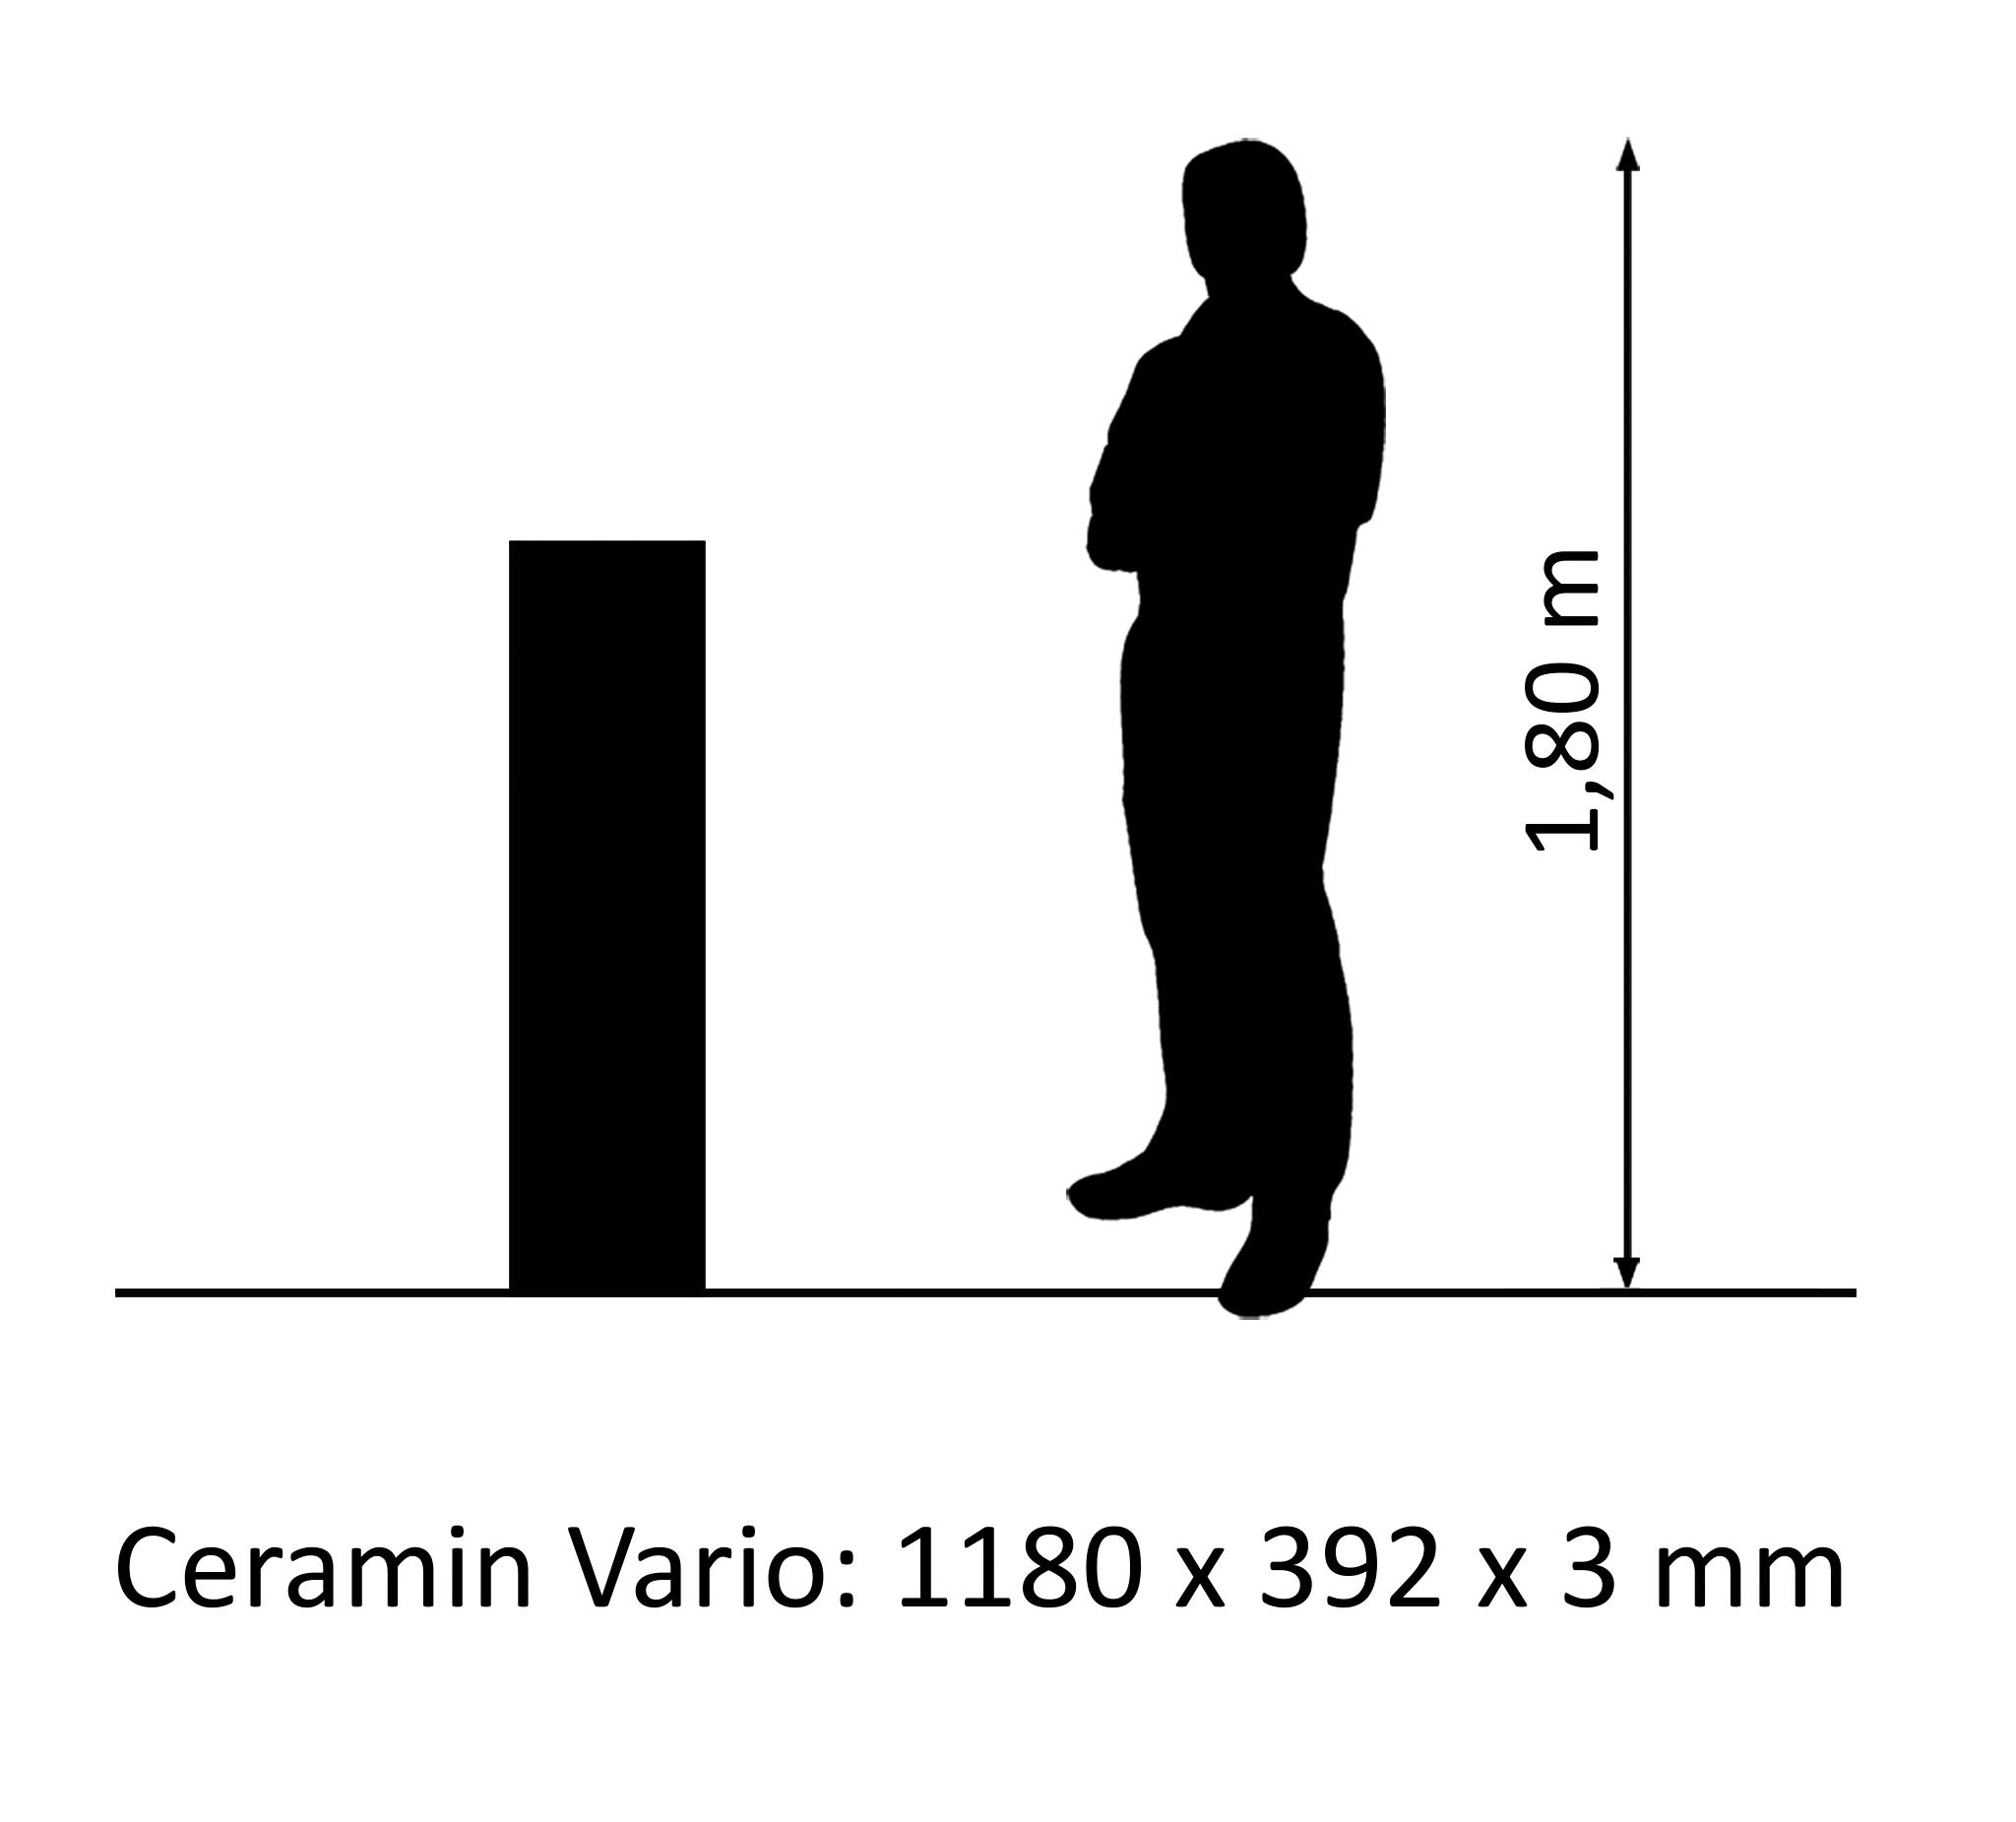 Ceramin Vario Ölschiefer